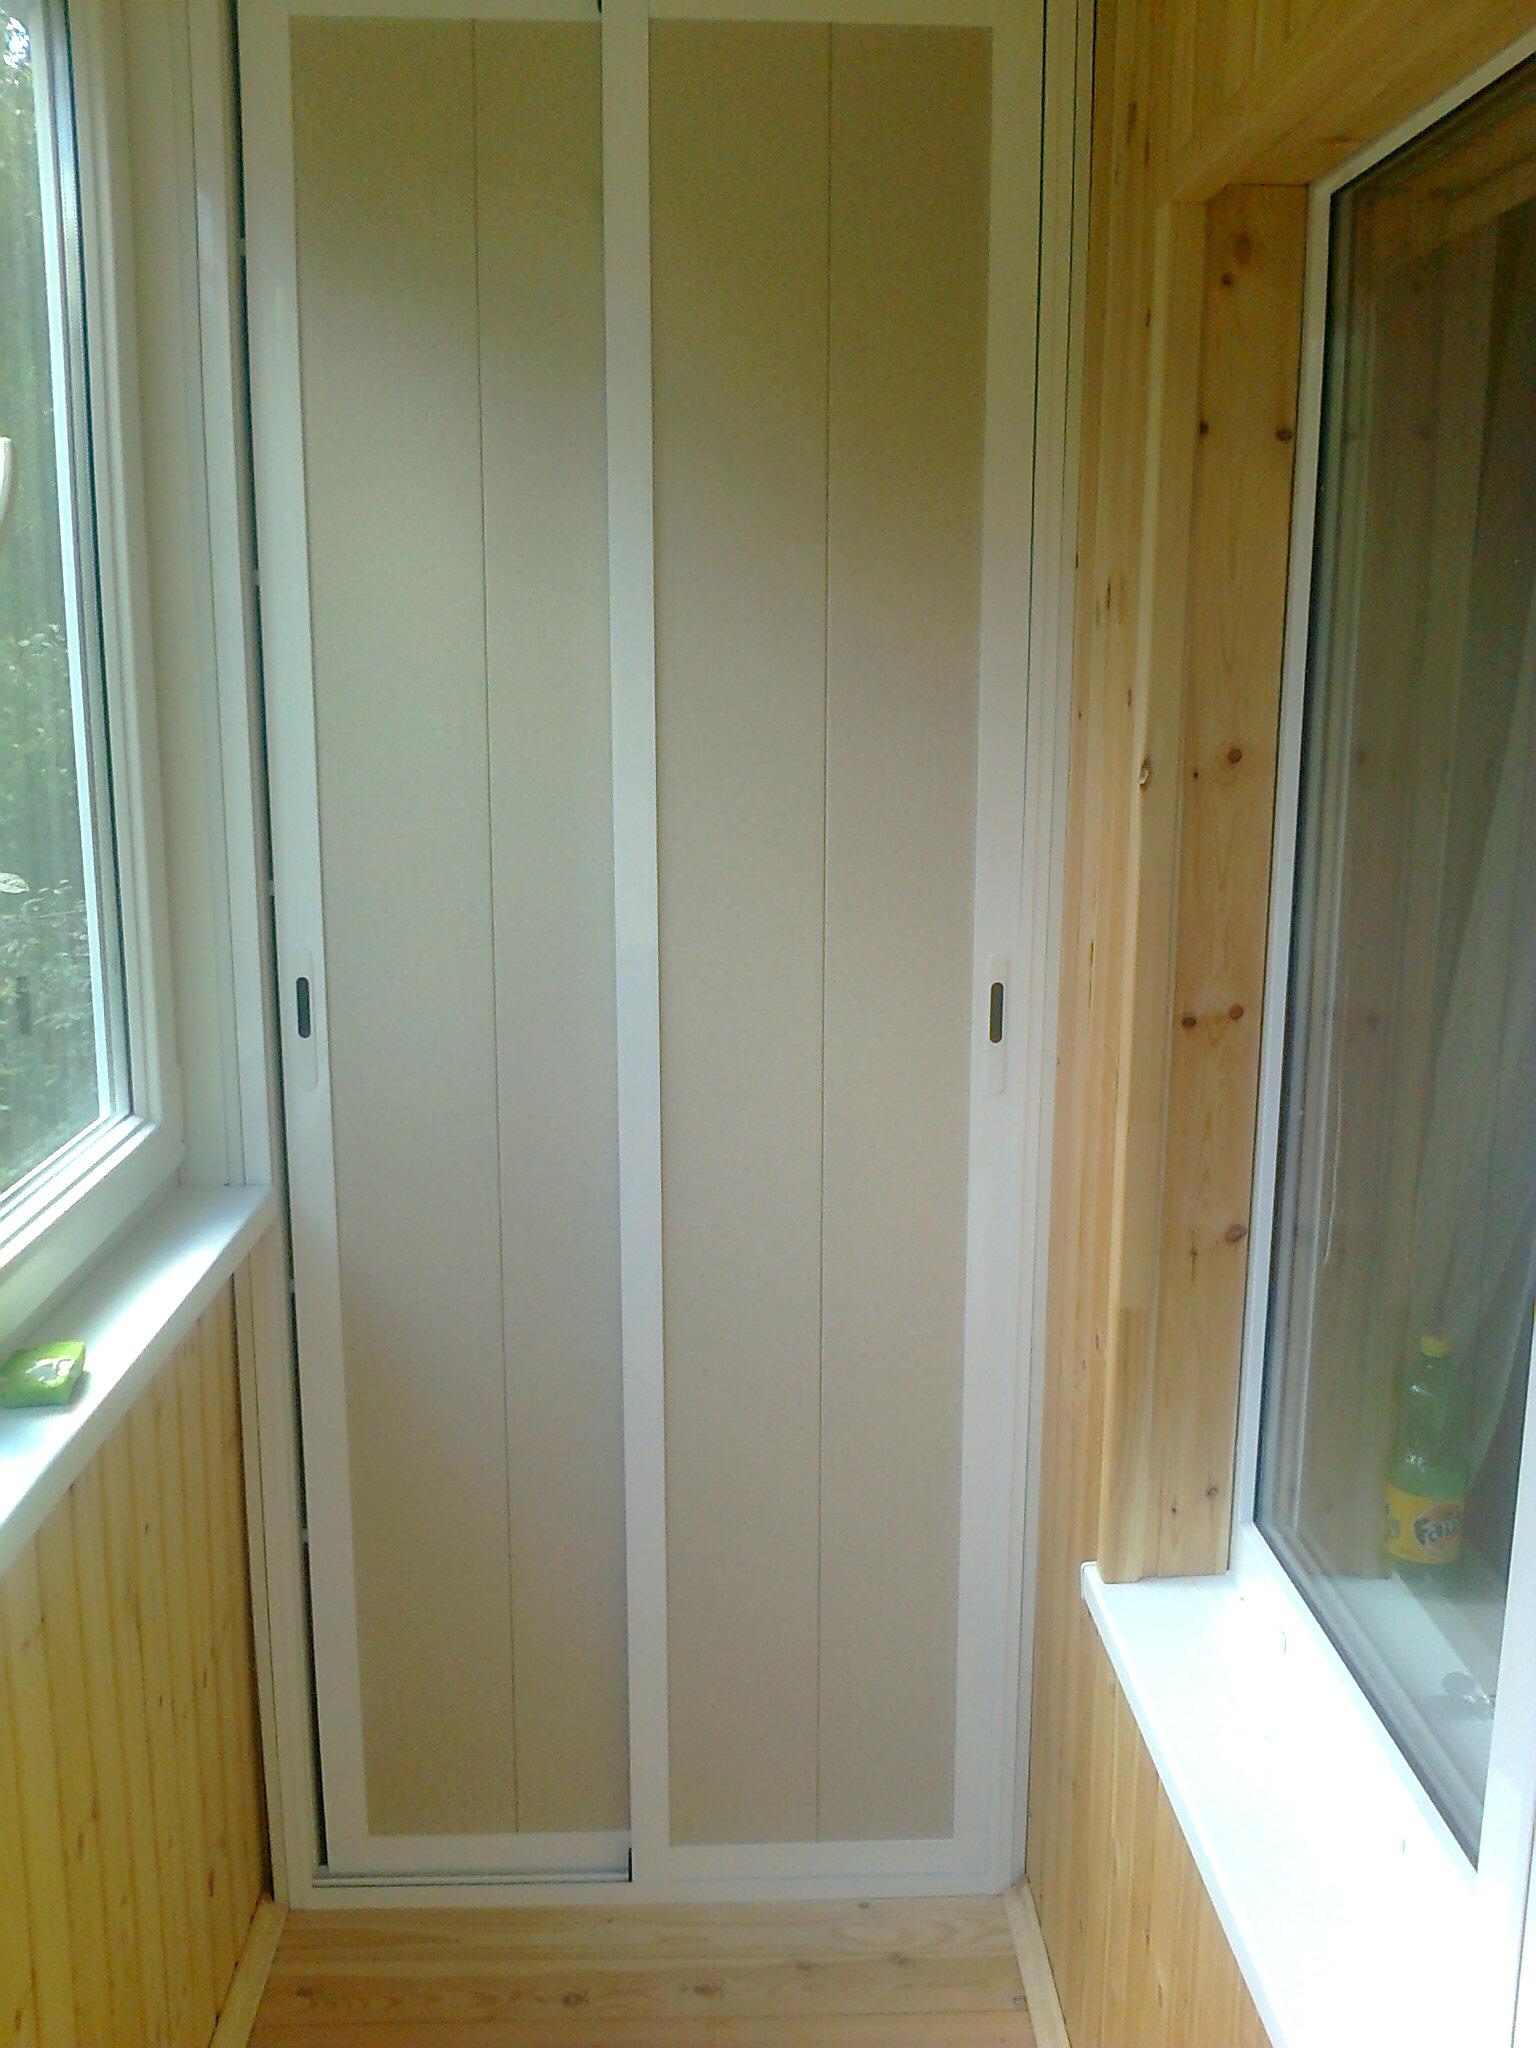 Шкафы,встроенная мебель , тумбочки на балкон и лоджию в минс.